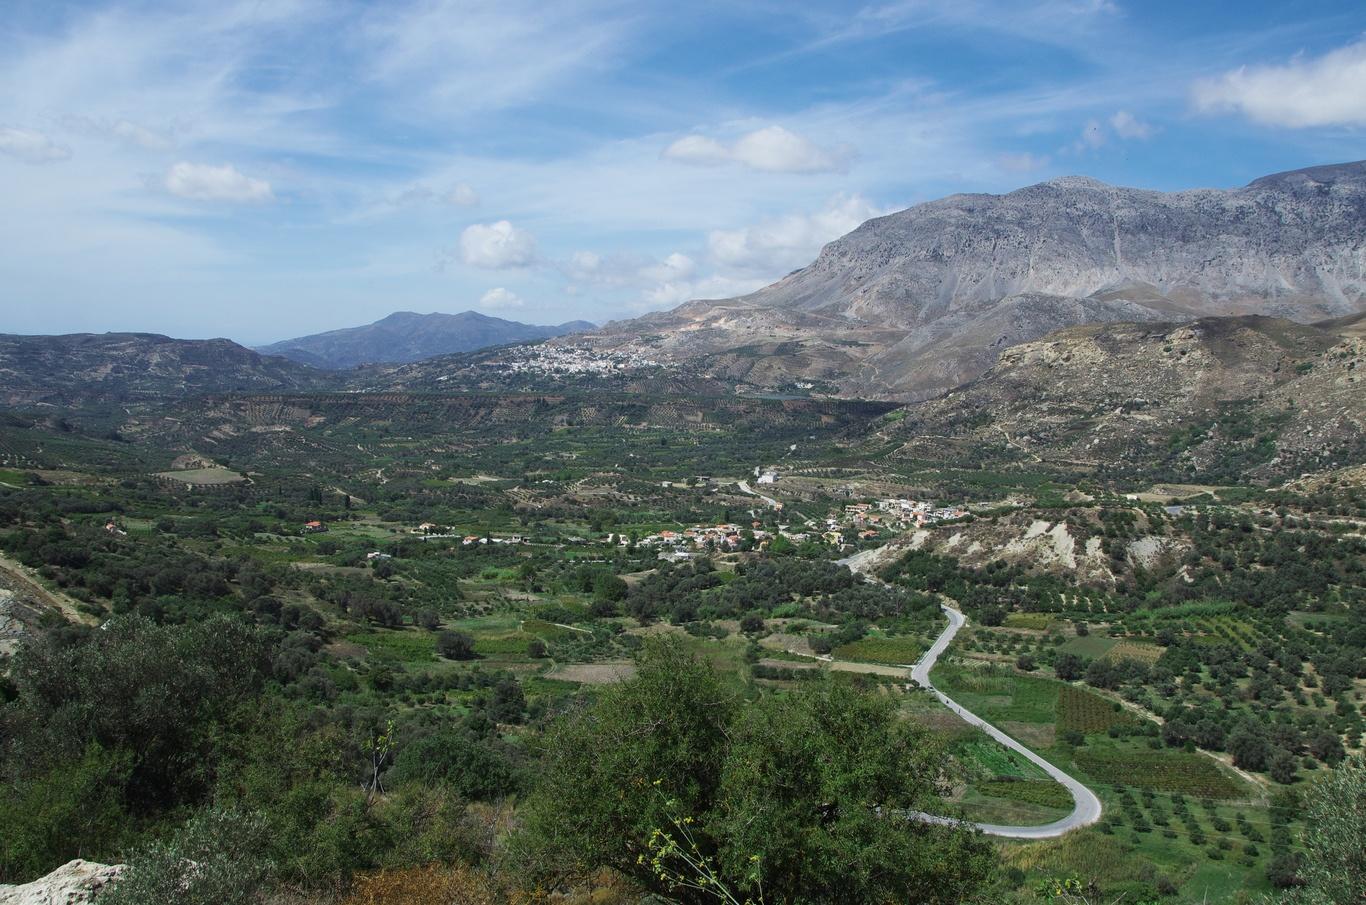 Nad vesnicí Zaros